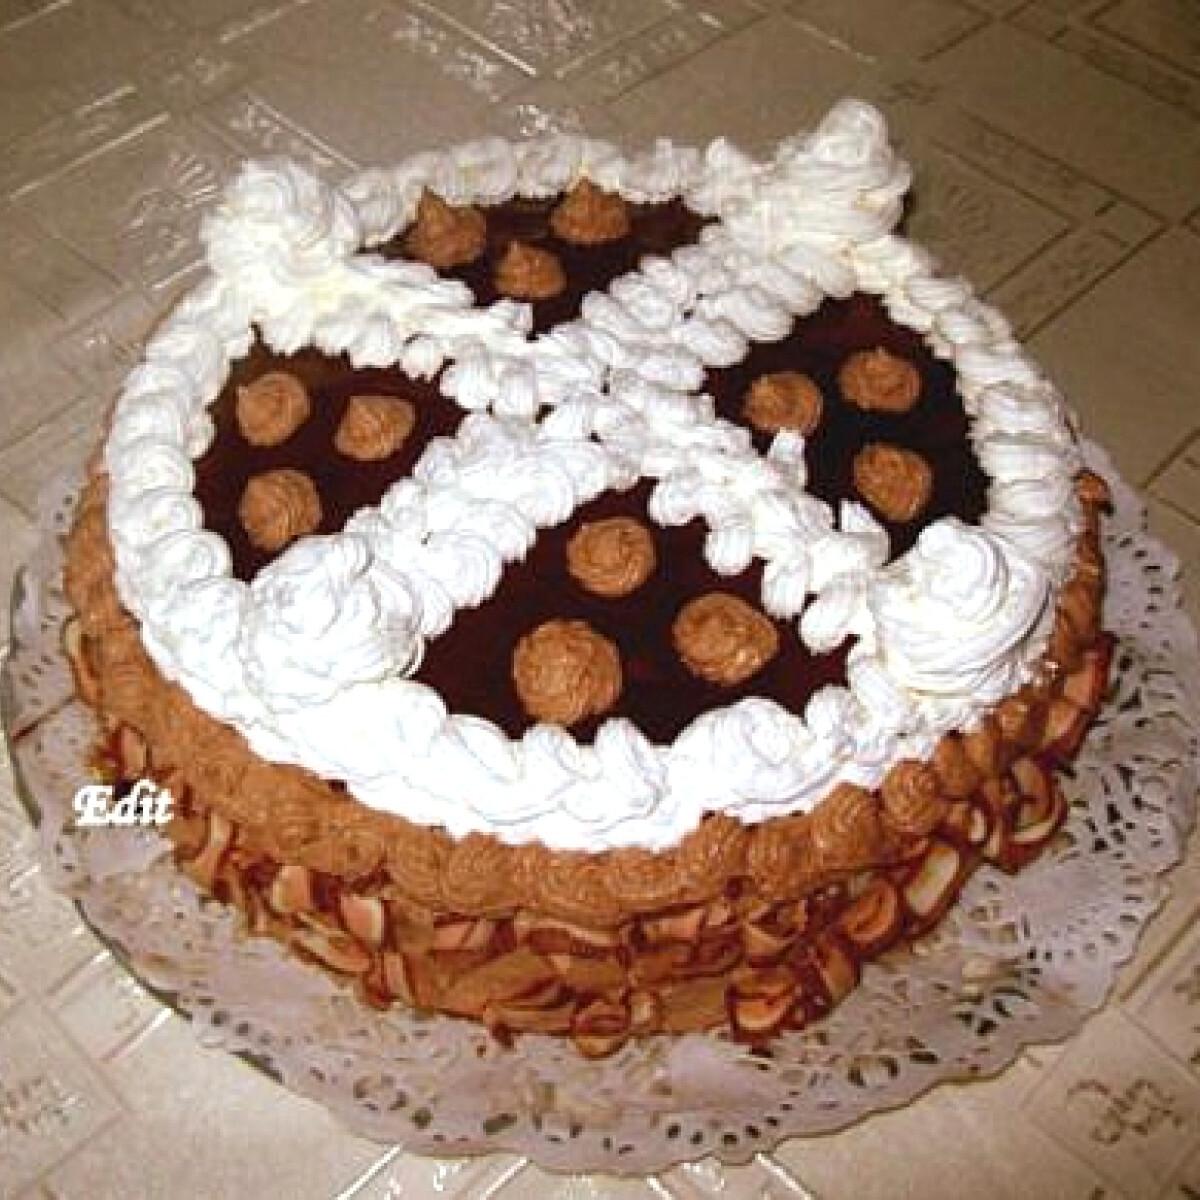 Tejszínes-csokoládés torta Edit konyhájából